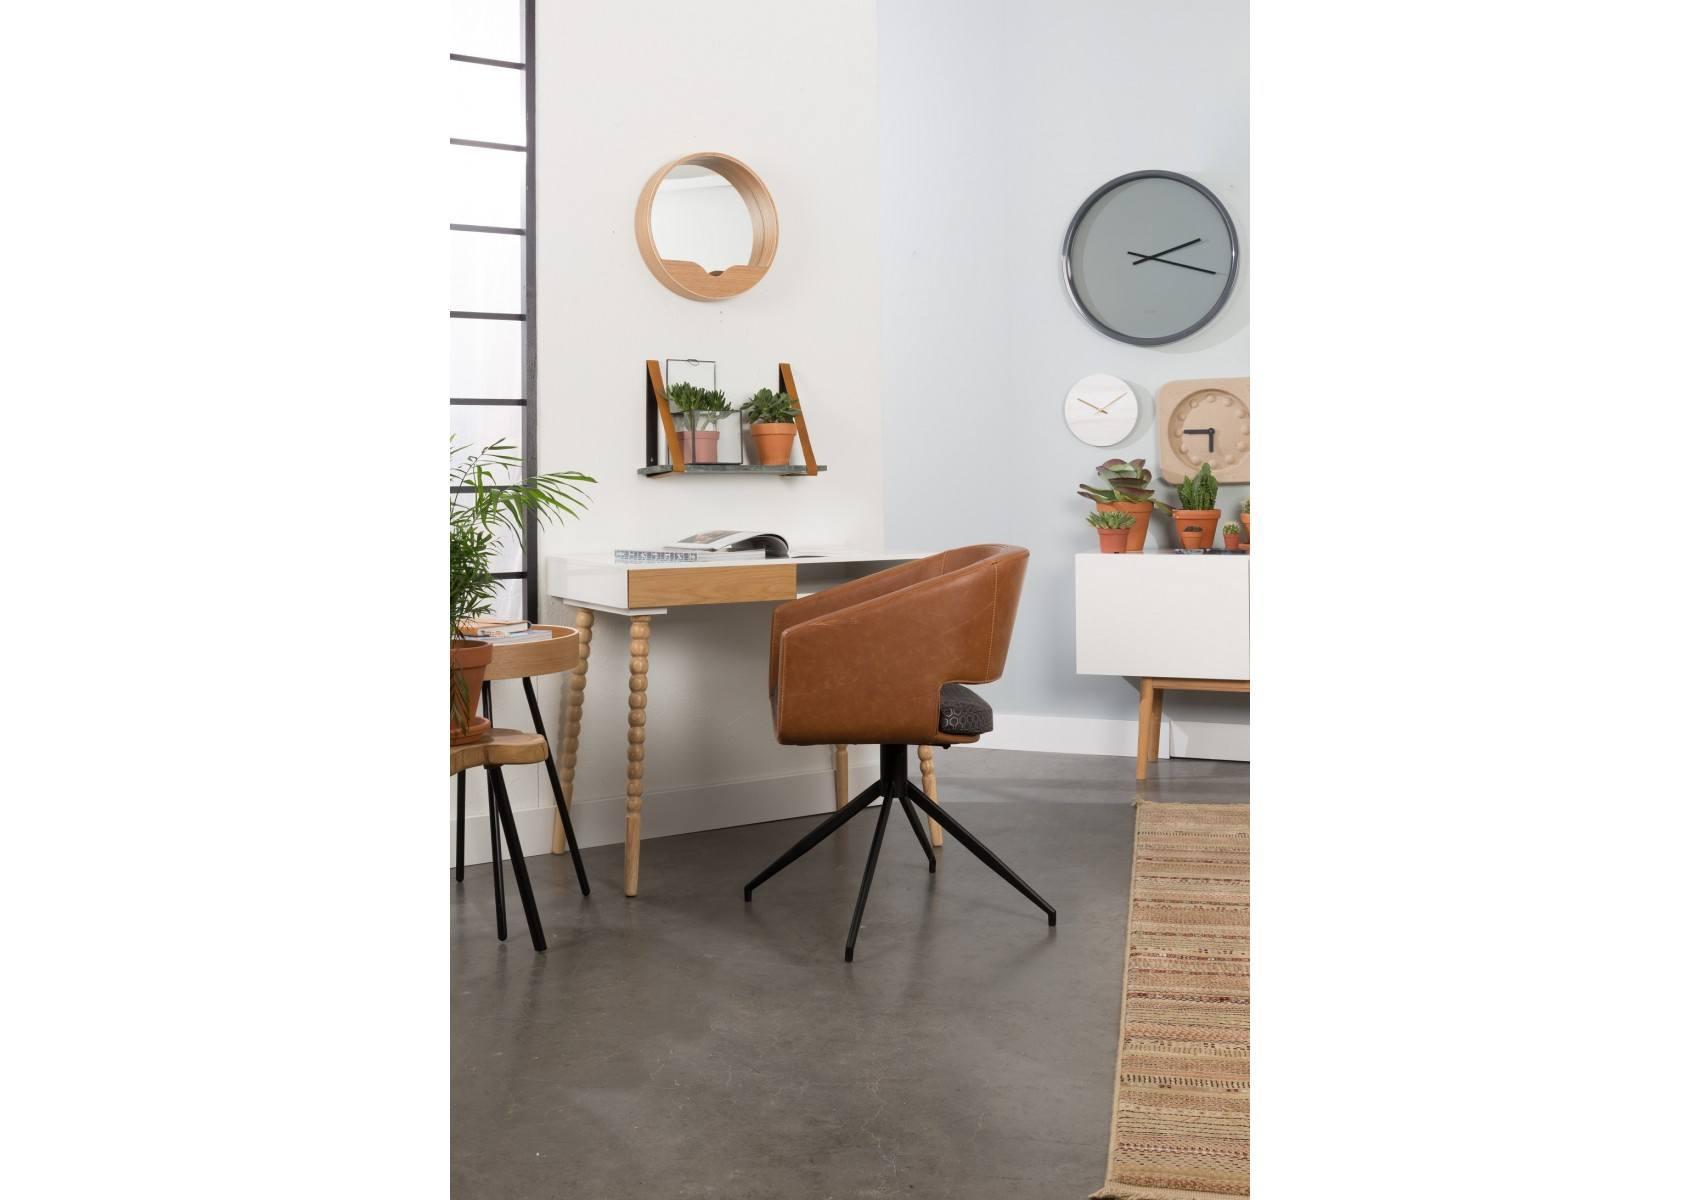 fauteuil look industriel beau par zuiver boite design. Black Bedroom Furniture Sets. Home Design Ideas